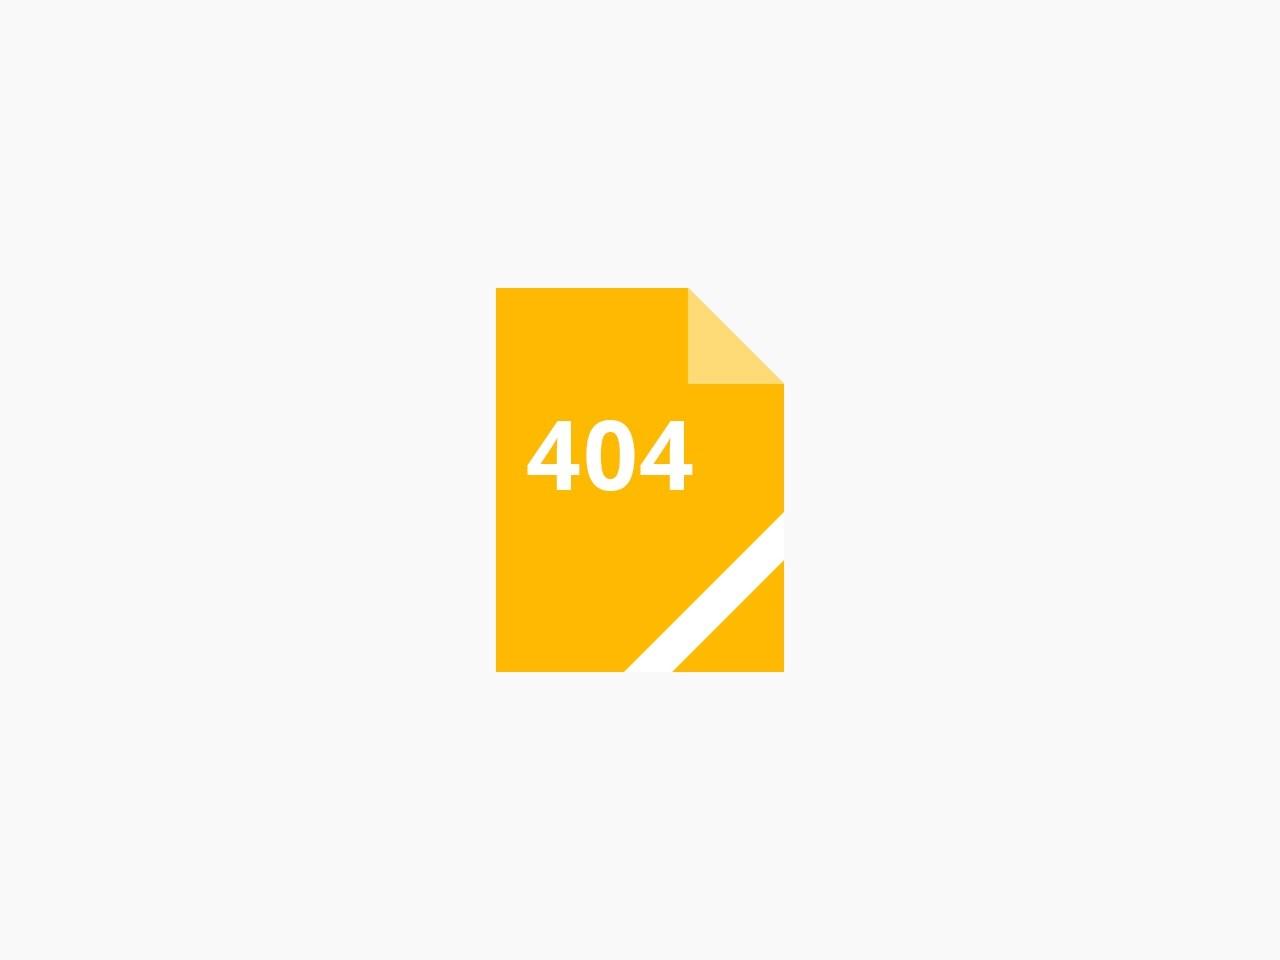 やまざき歯科医院 (大阪府箕面市)